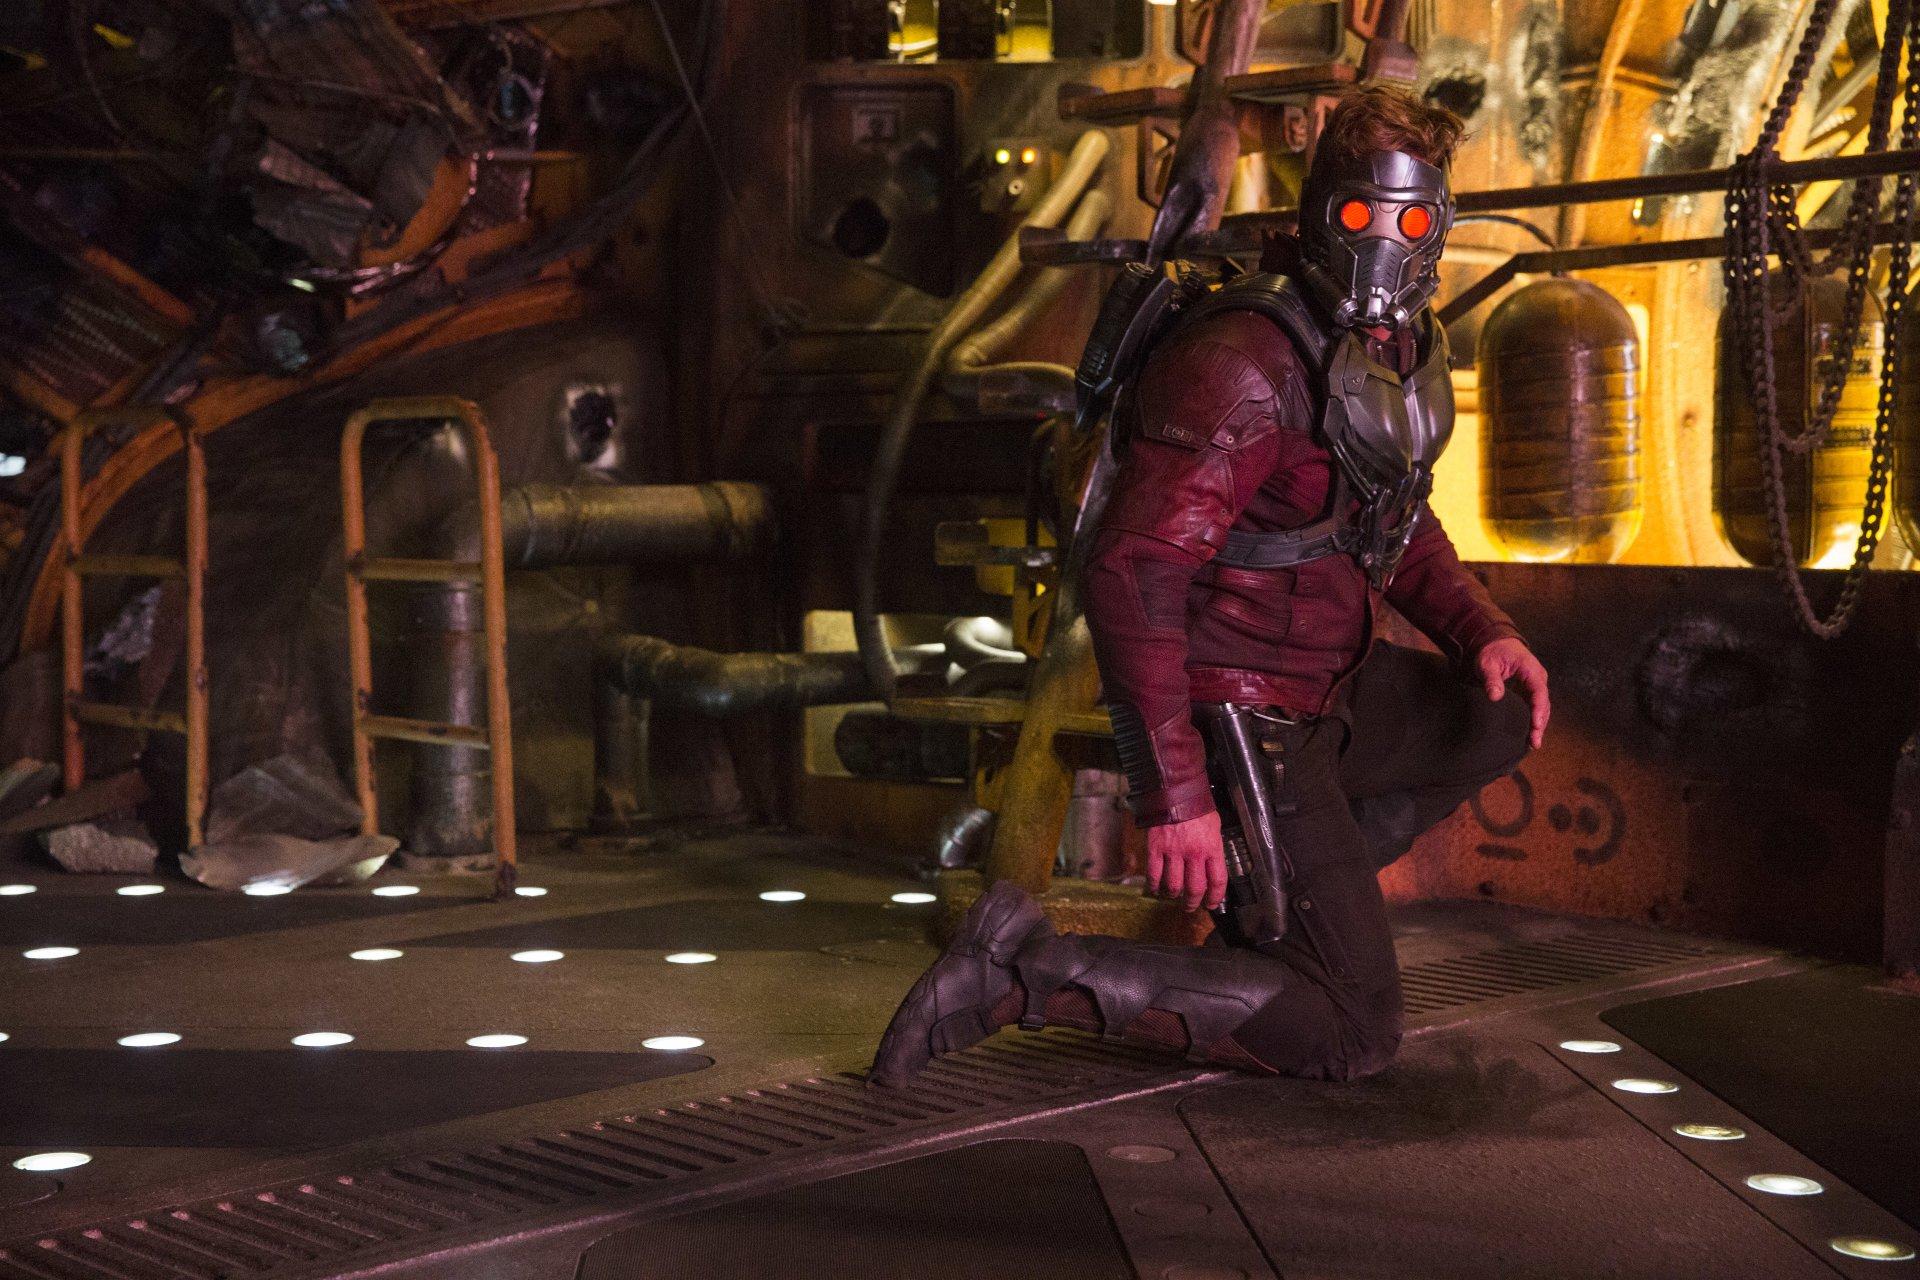 电影 - 银河护卫队2  Chris Pratt Star Lord 壁纸